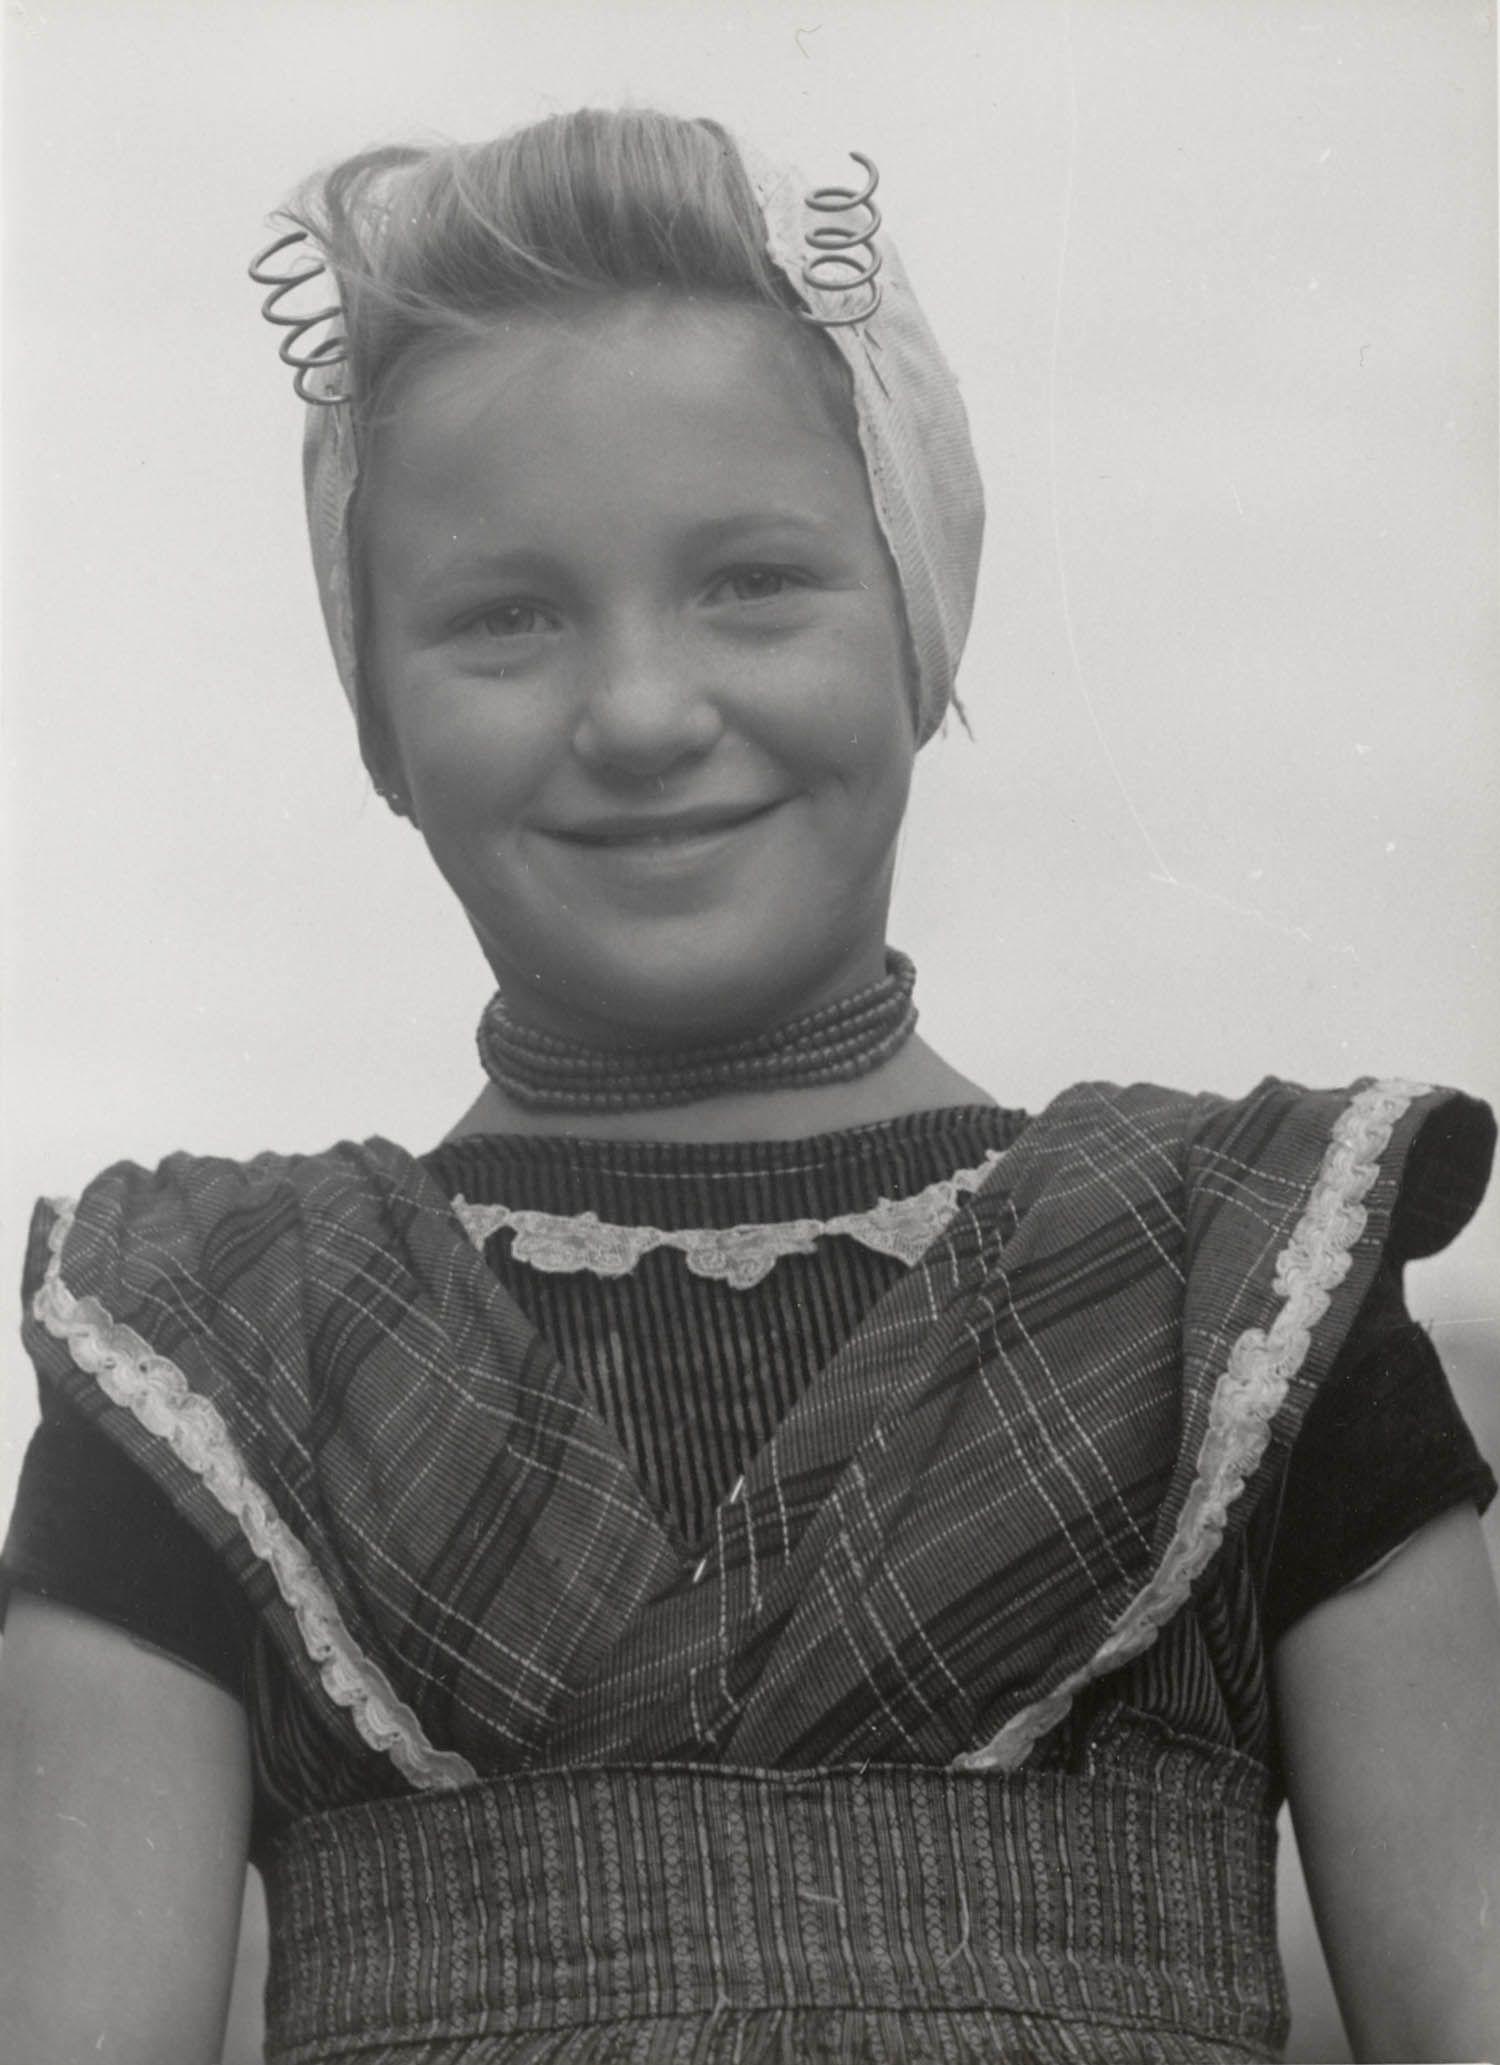 Klazina van Belzen in Arnemuider streekdracht. Klazina is gekleed in de daagse dracht. 1950 #Zeeland #Arnemuiden